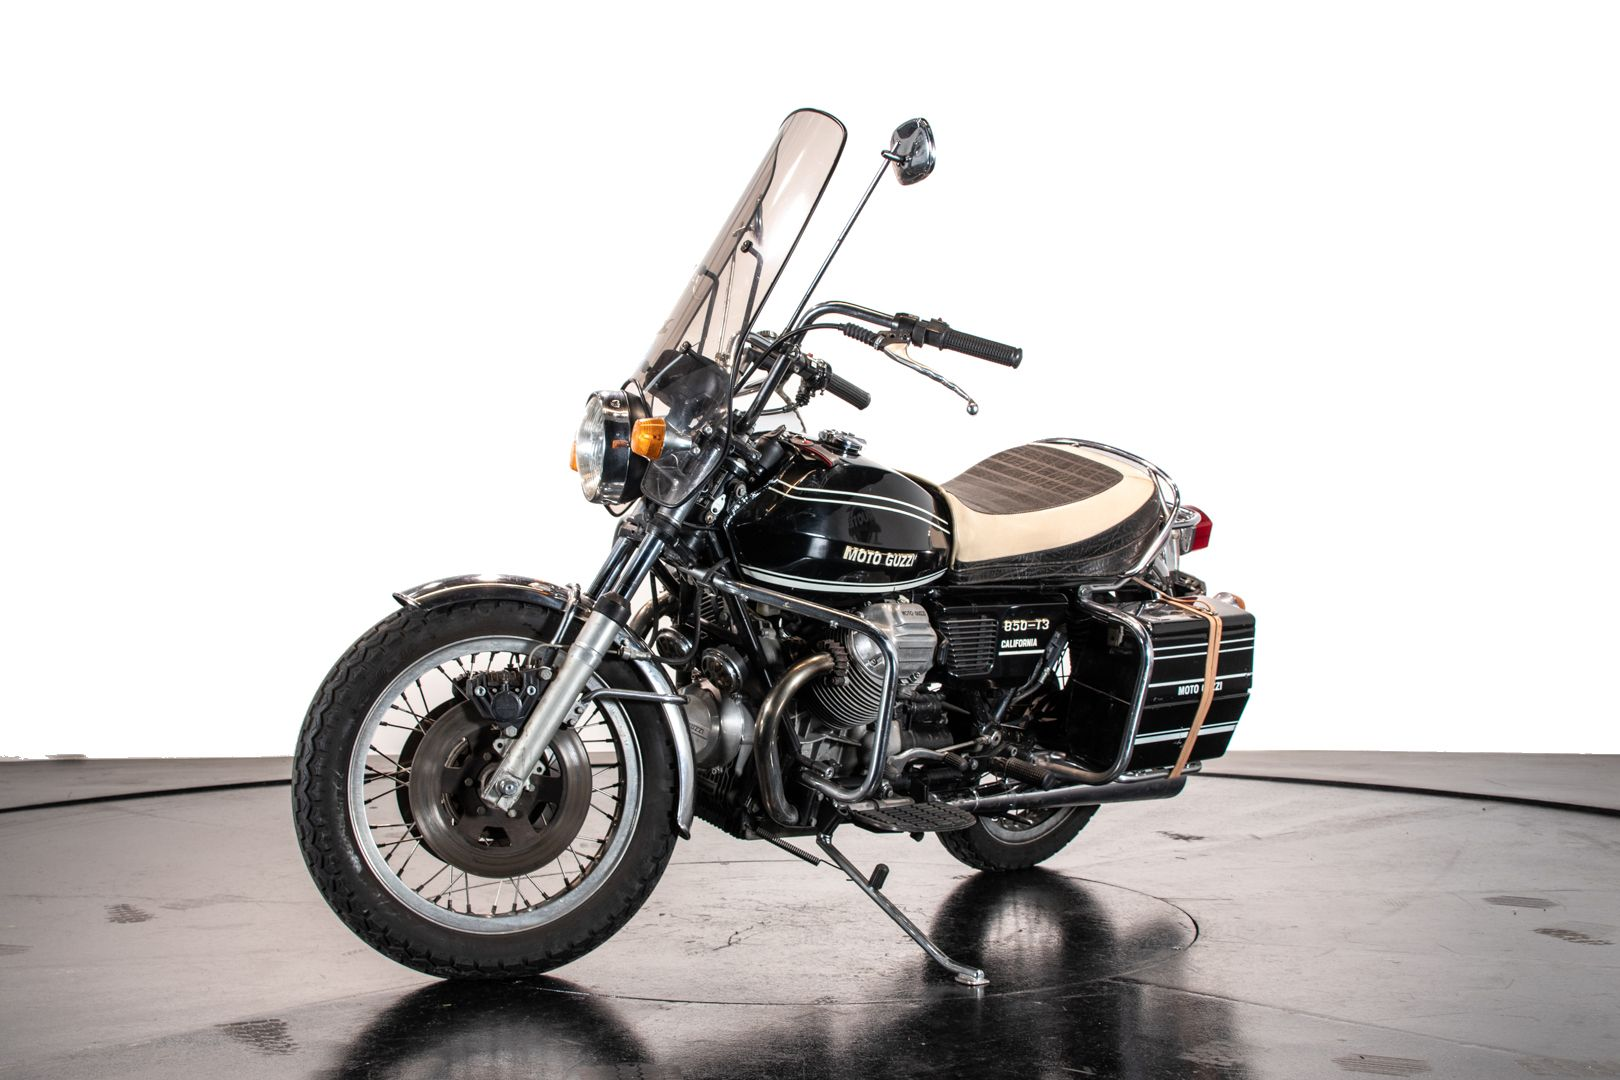 1978 Moto Guzzi 850 VD 73 60014